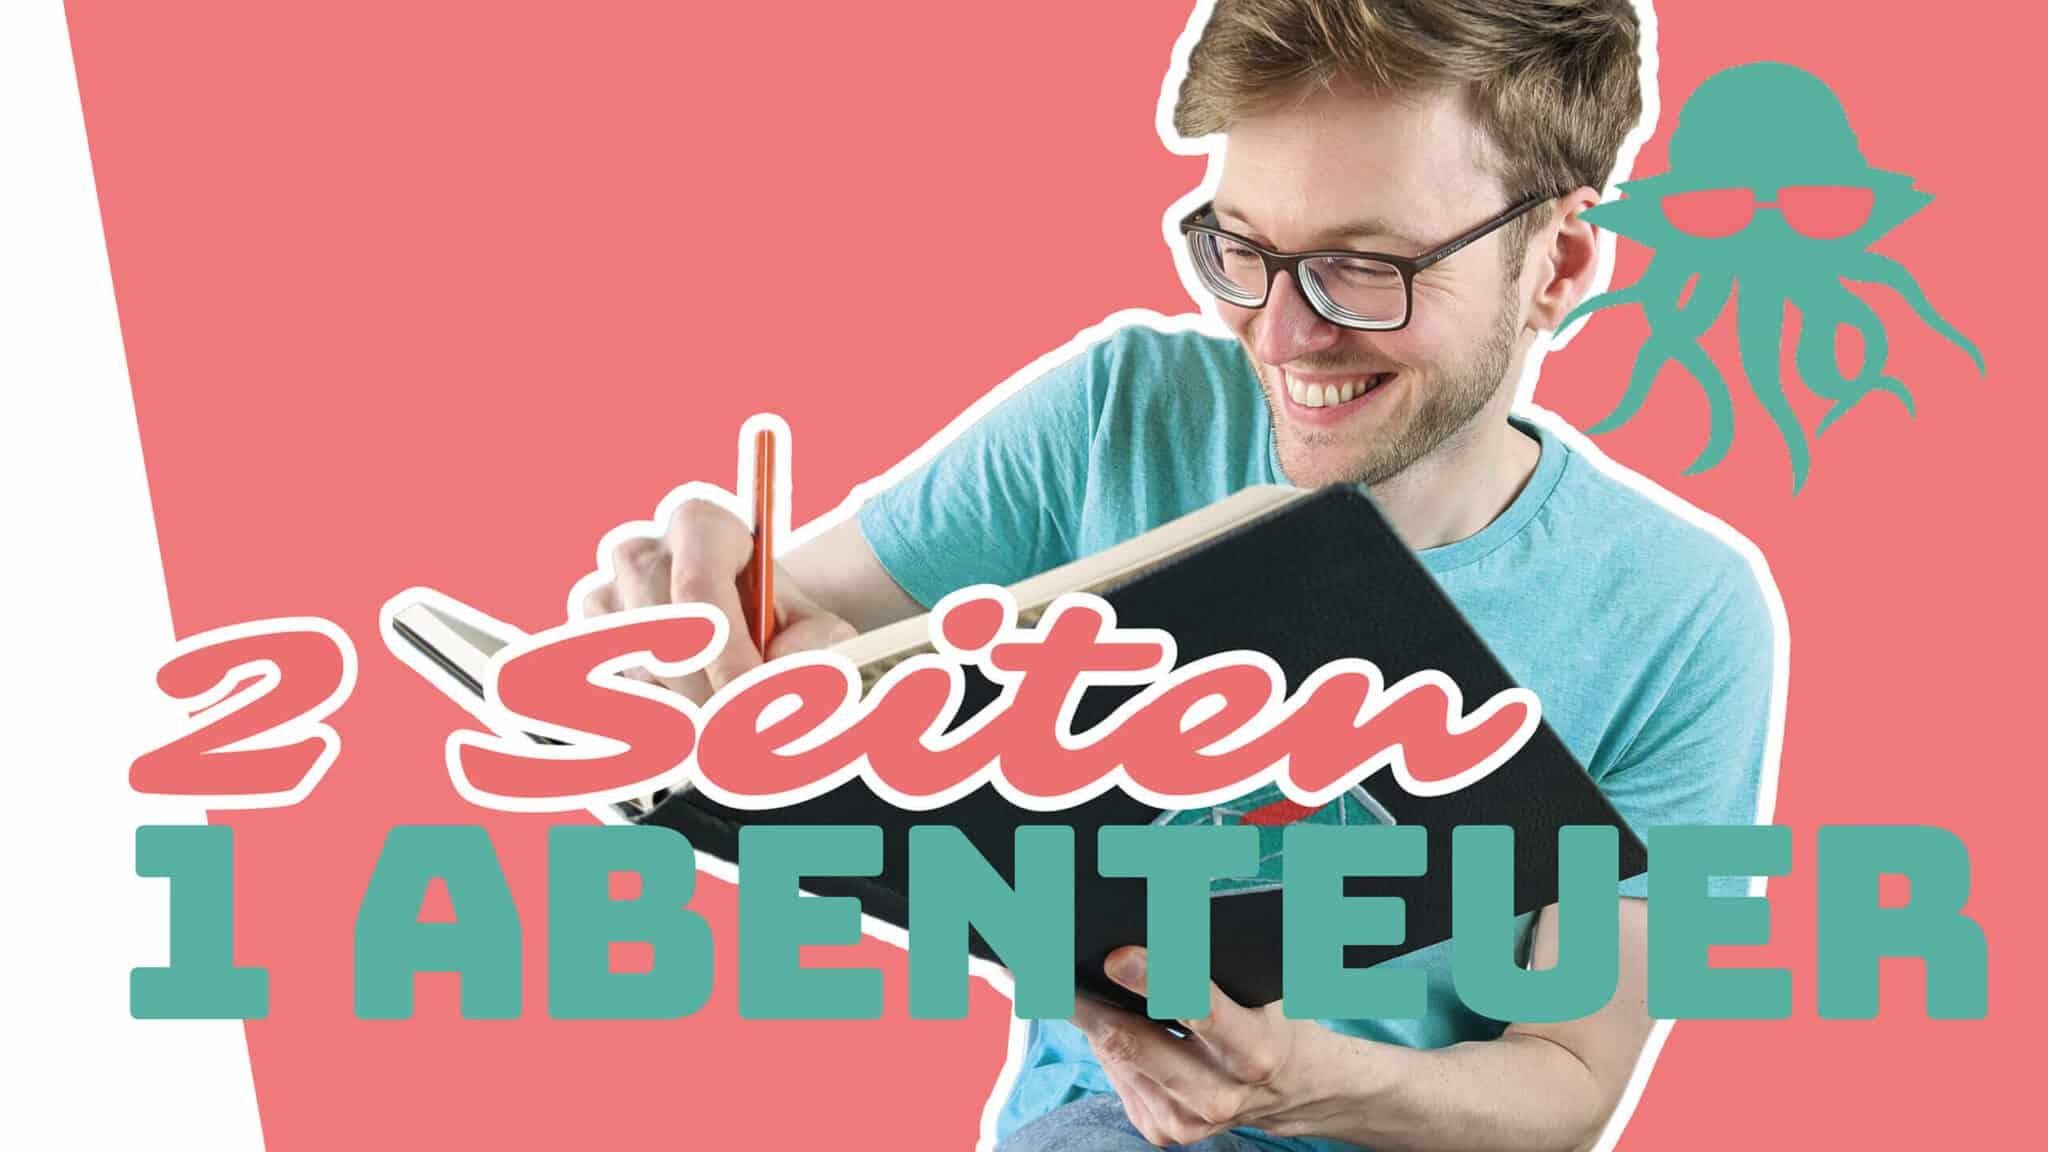 Pen & Paper Abenteuer selber schreiben? Starte hier!